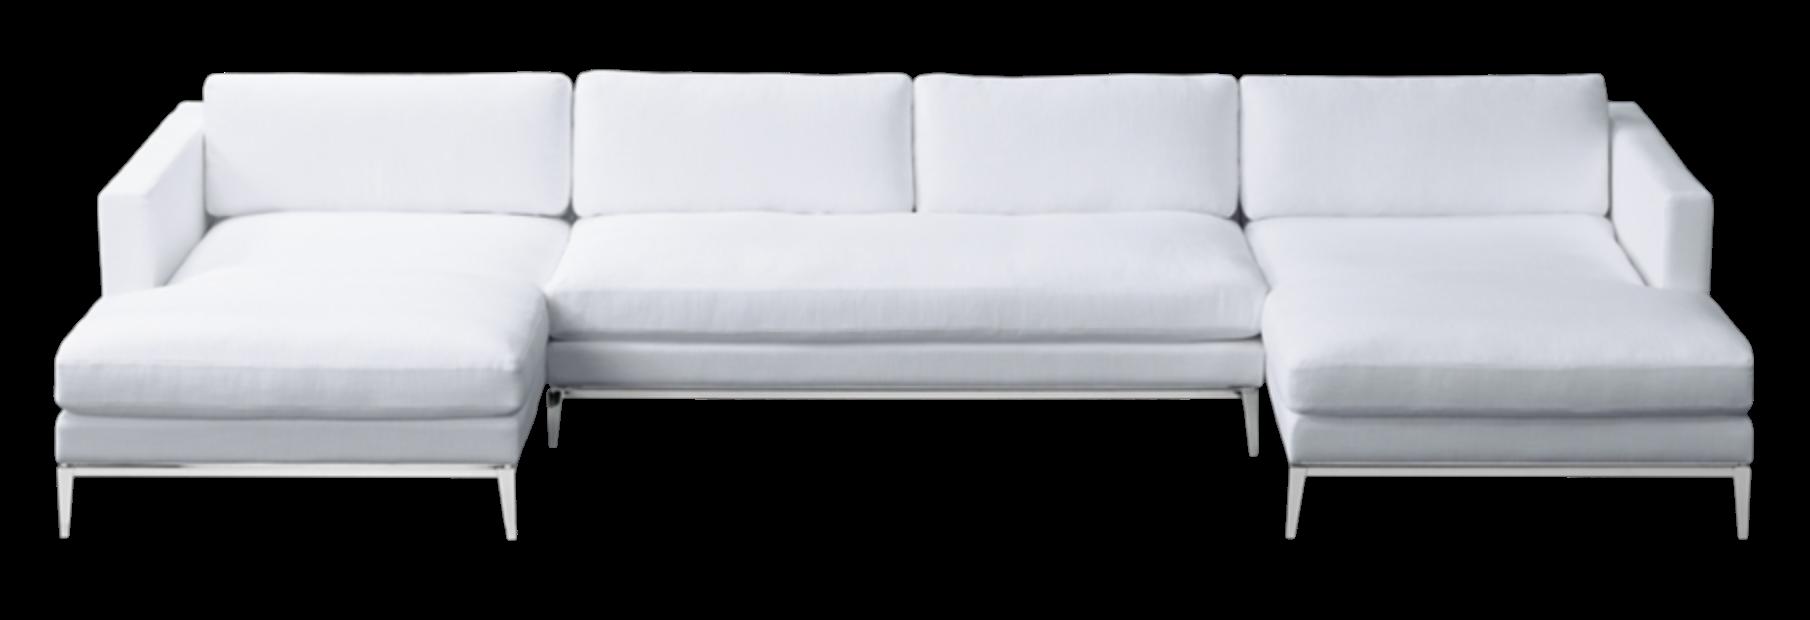 Modern Sleek Sofa